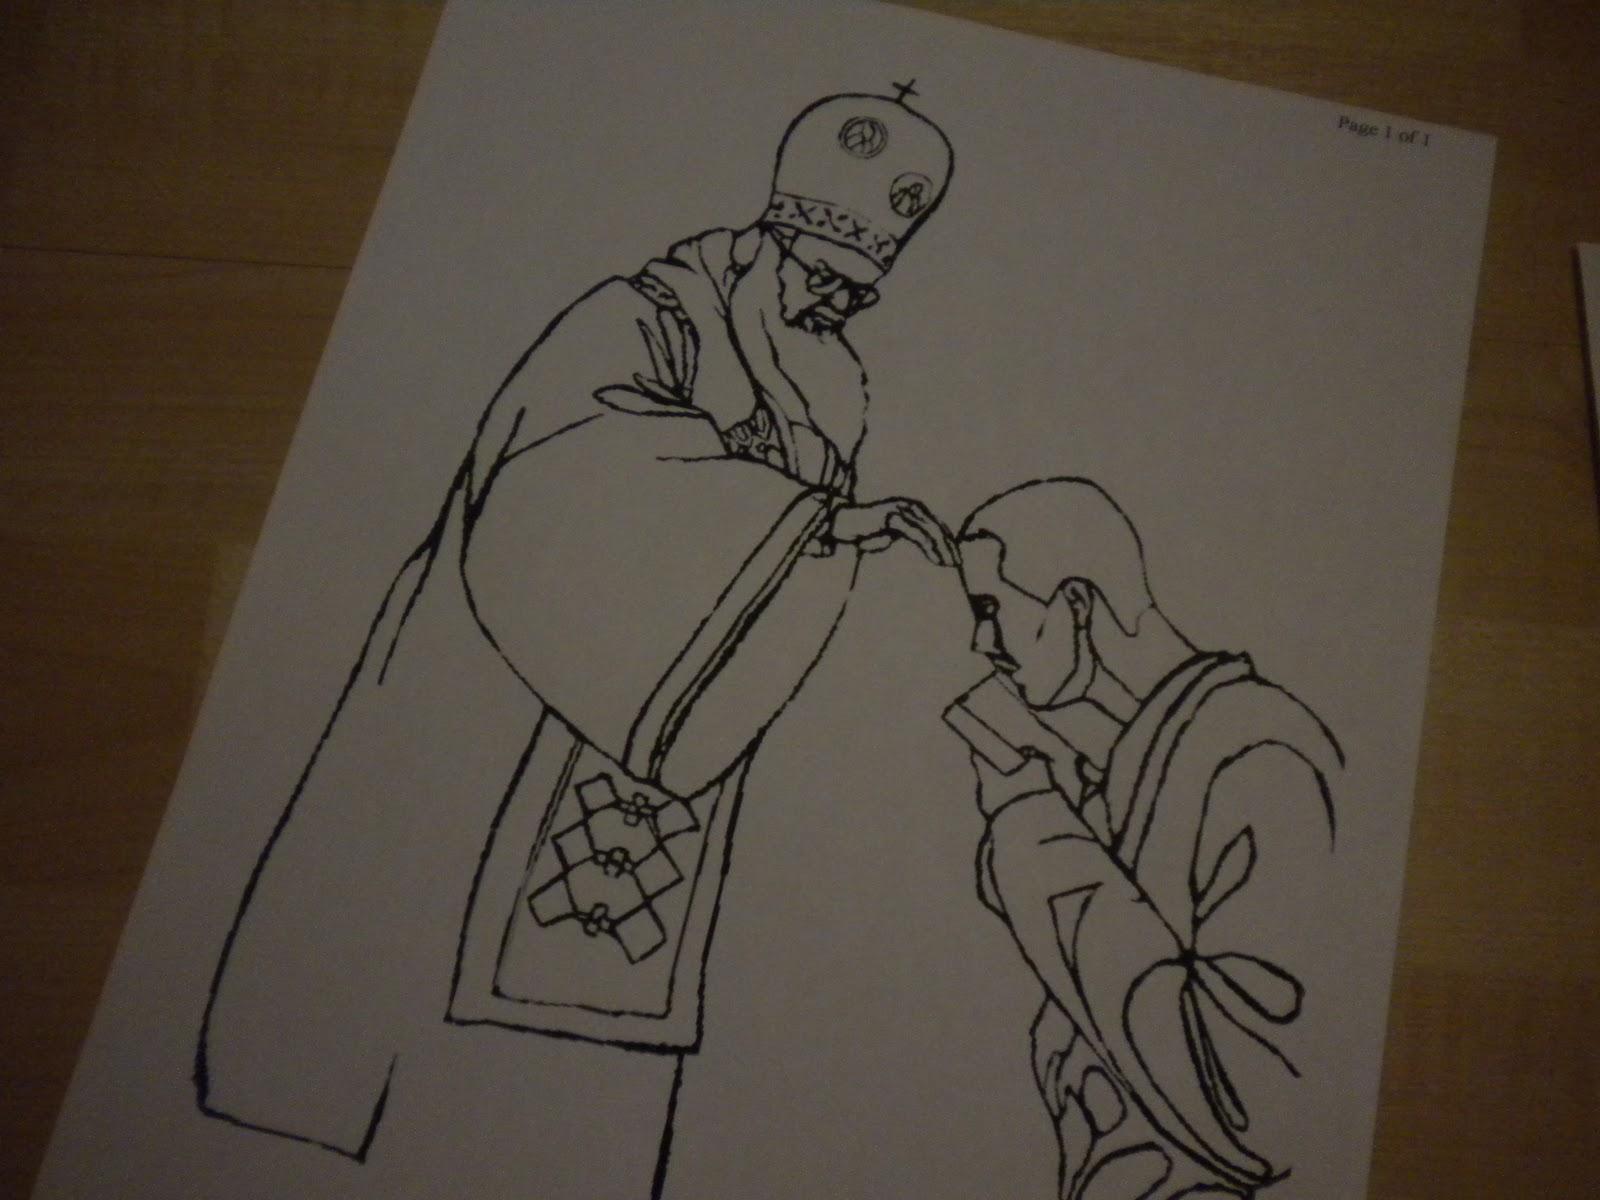 Familia Católica: Páginas para Colorear para el Miércoles de Ceniza